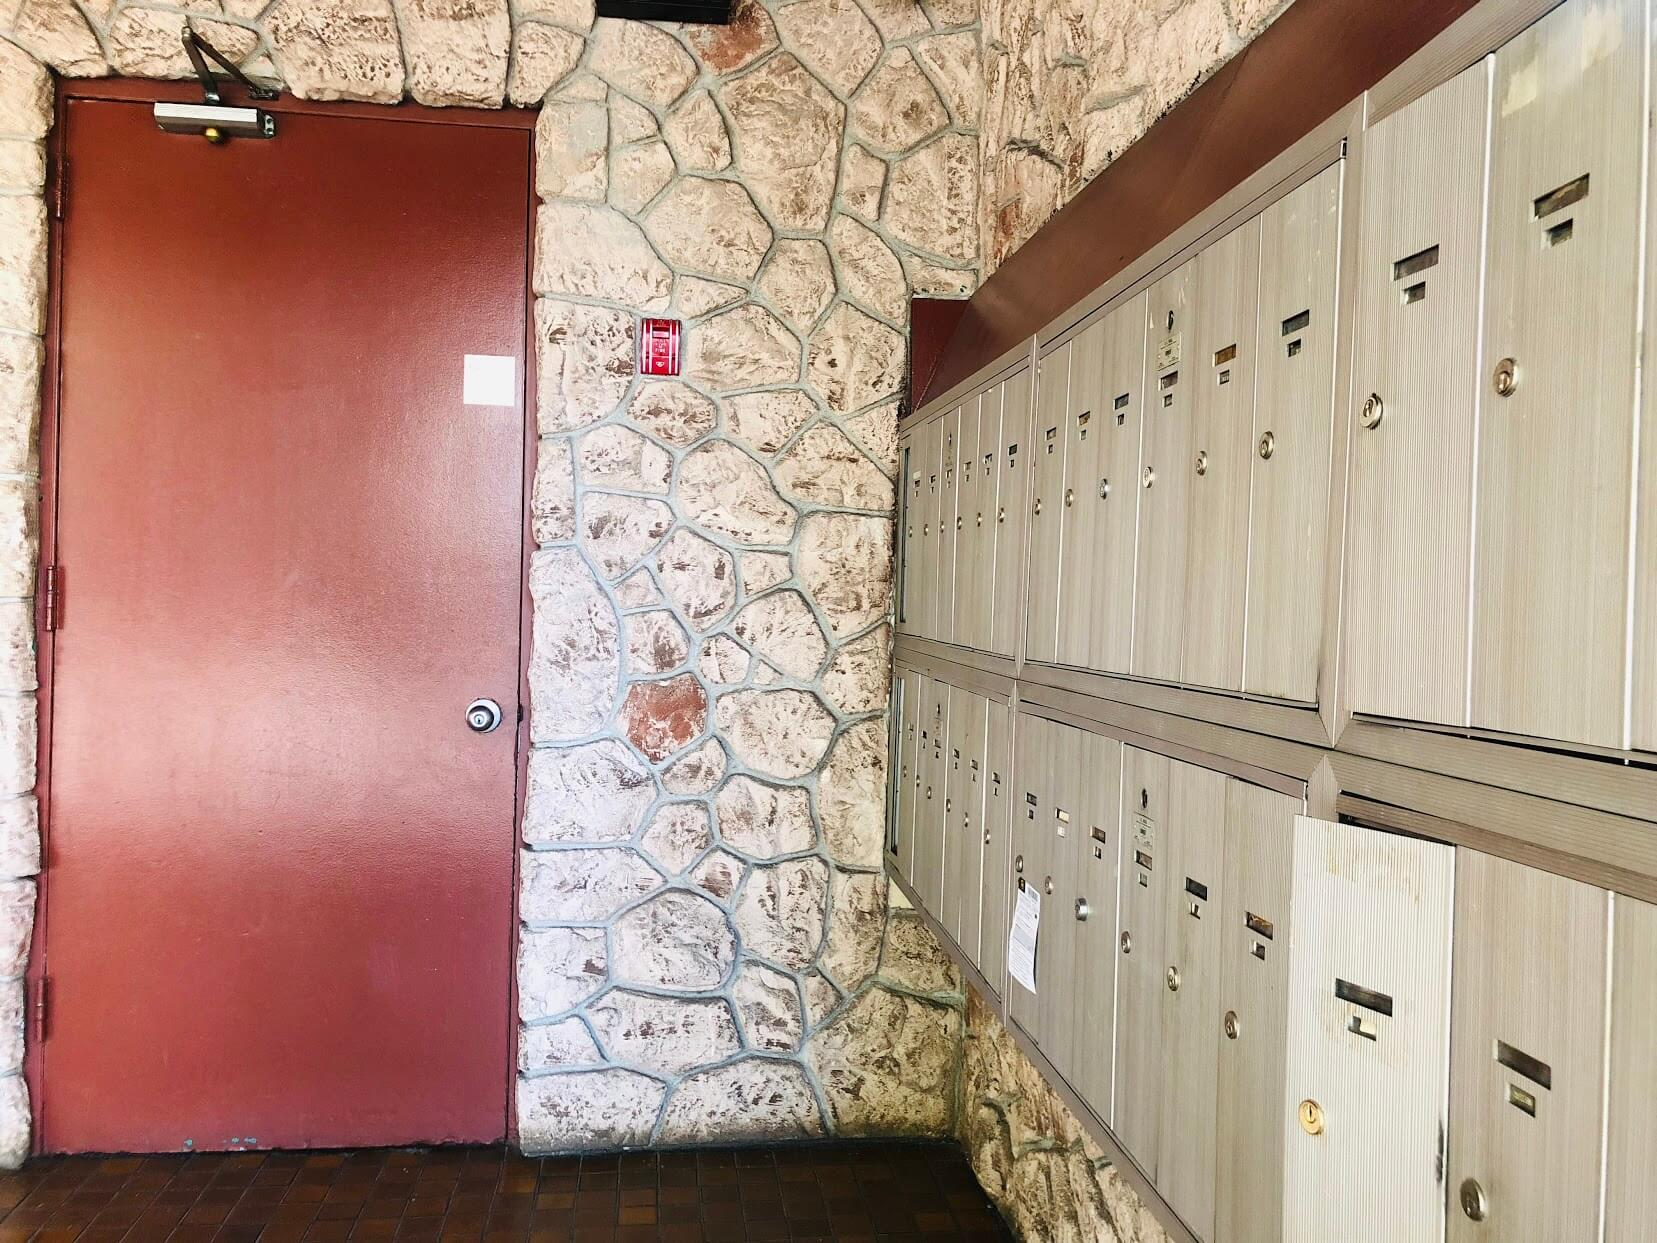 222 Kaiulani Apartmentsのポスト